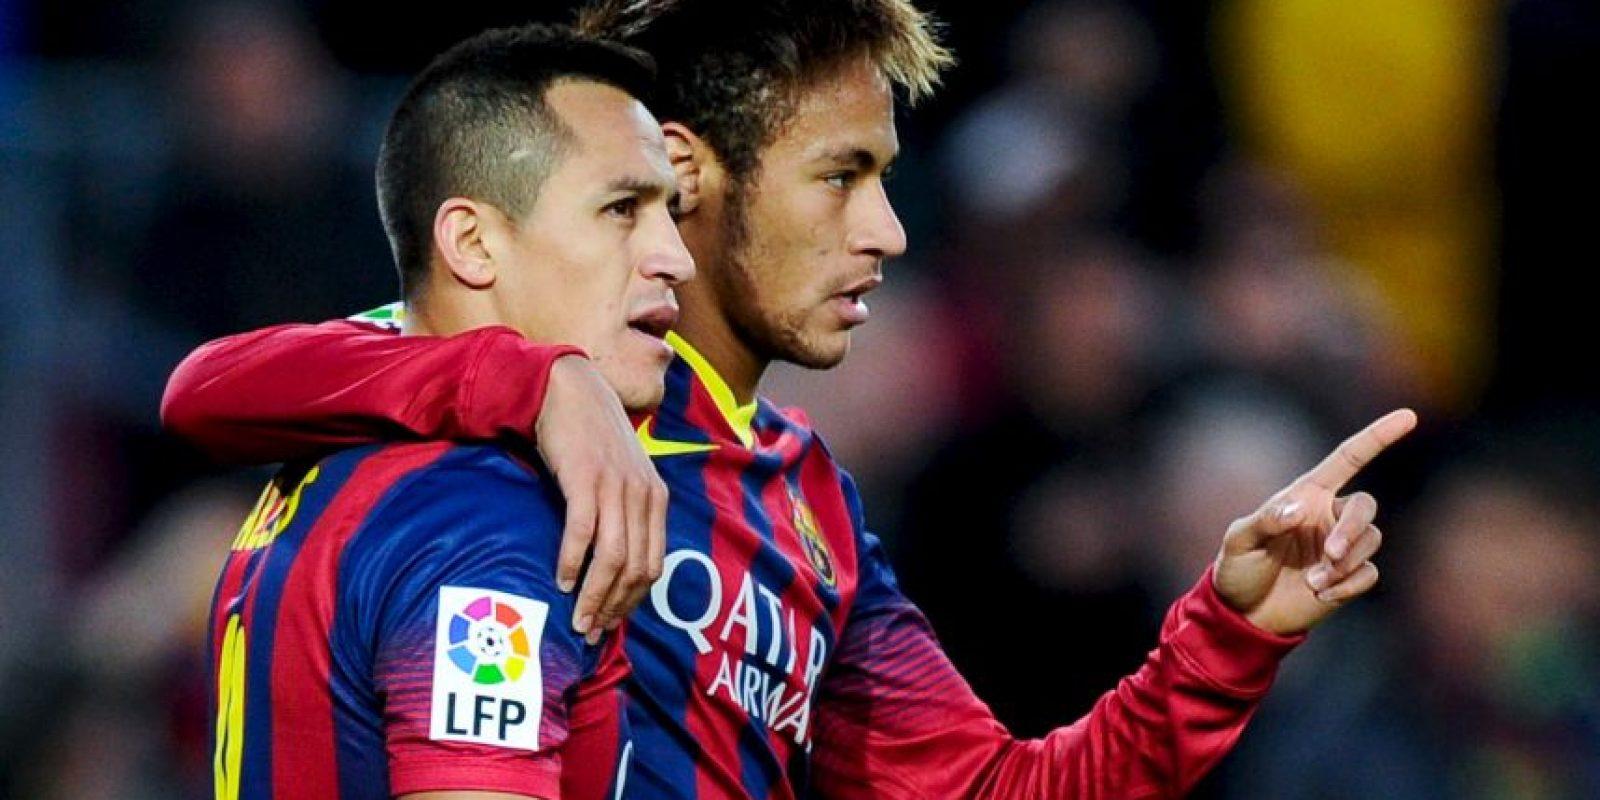 Su actuación más recordada fue en el Clásico ante el Real Madrid donde ambos le dieron la victoria al cuadro catalán. Foto:Getty Images